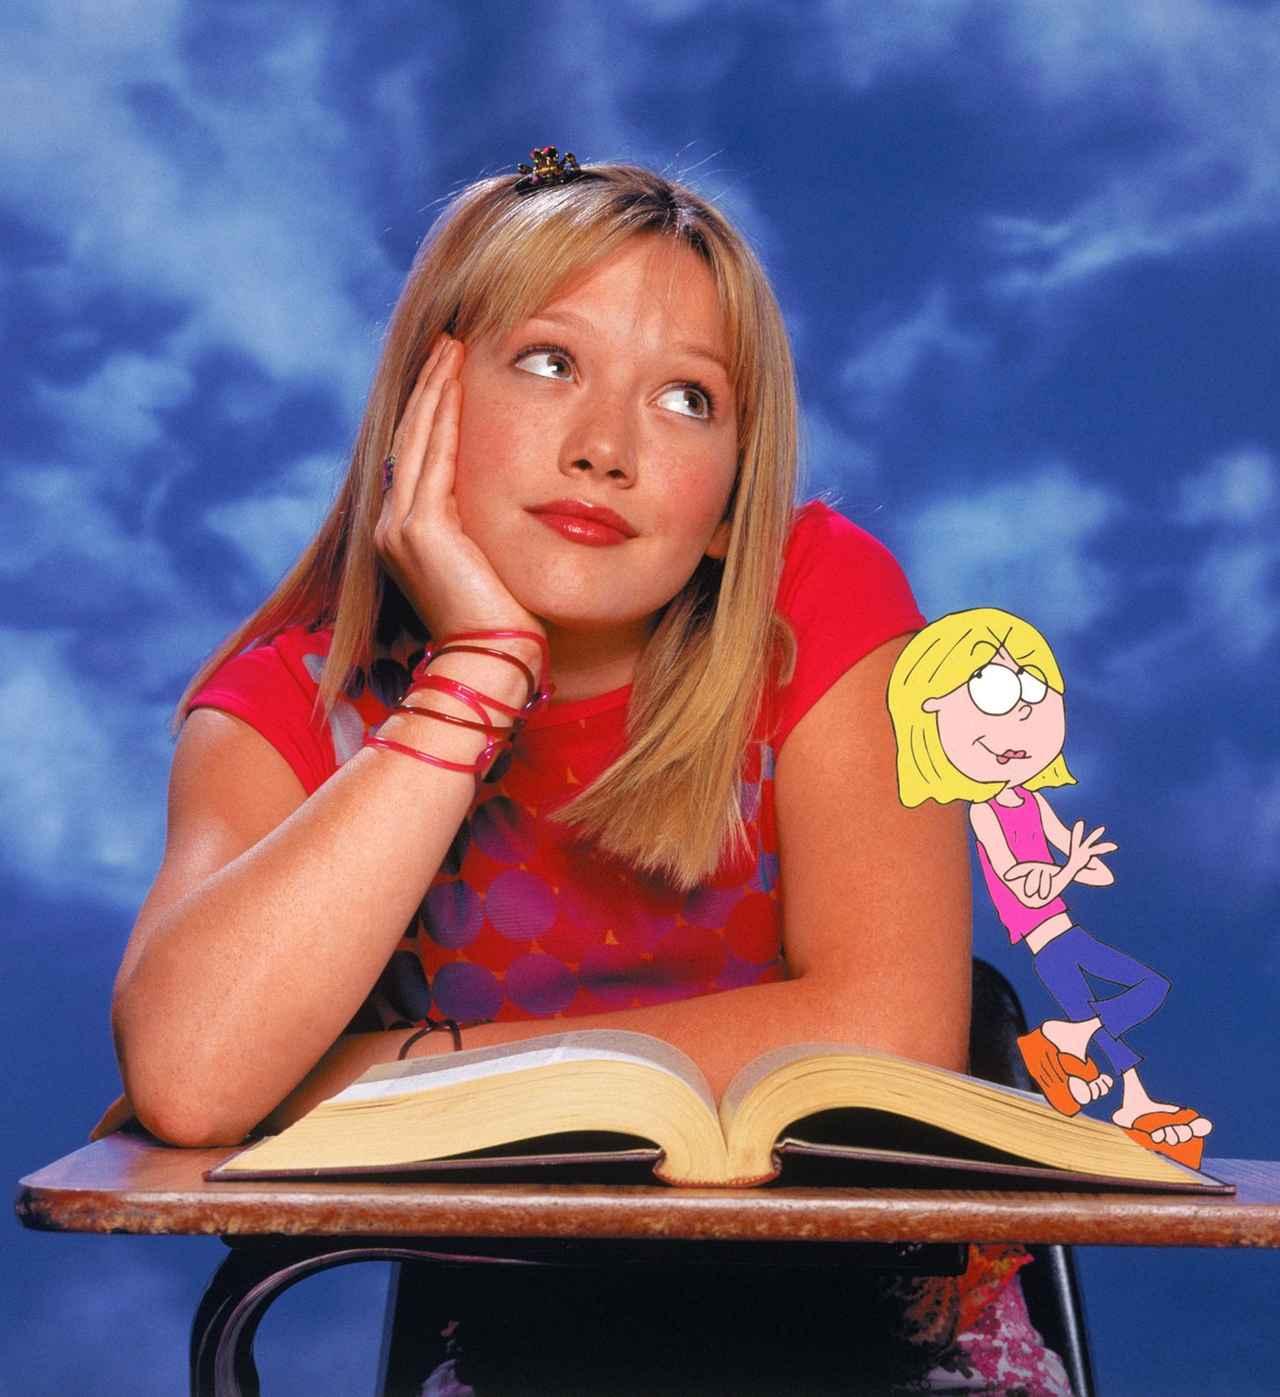 画像1: 2001年 『リジー&Lizzie』時代